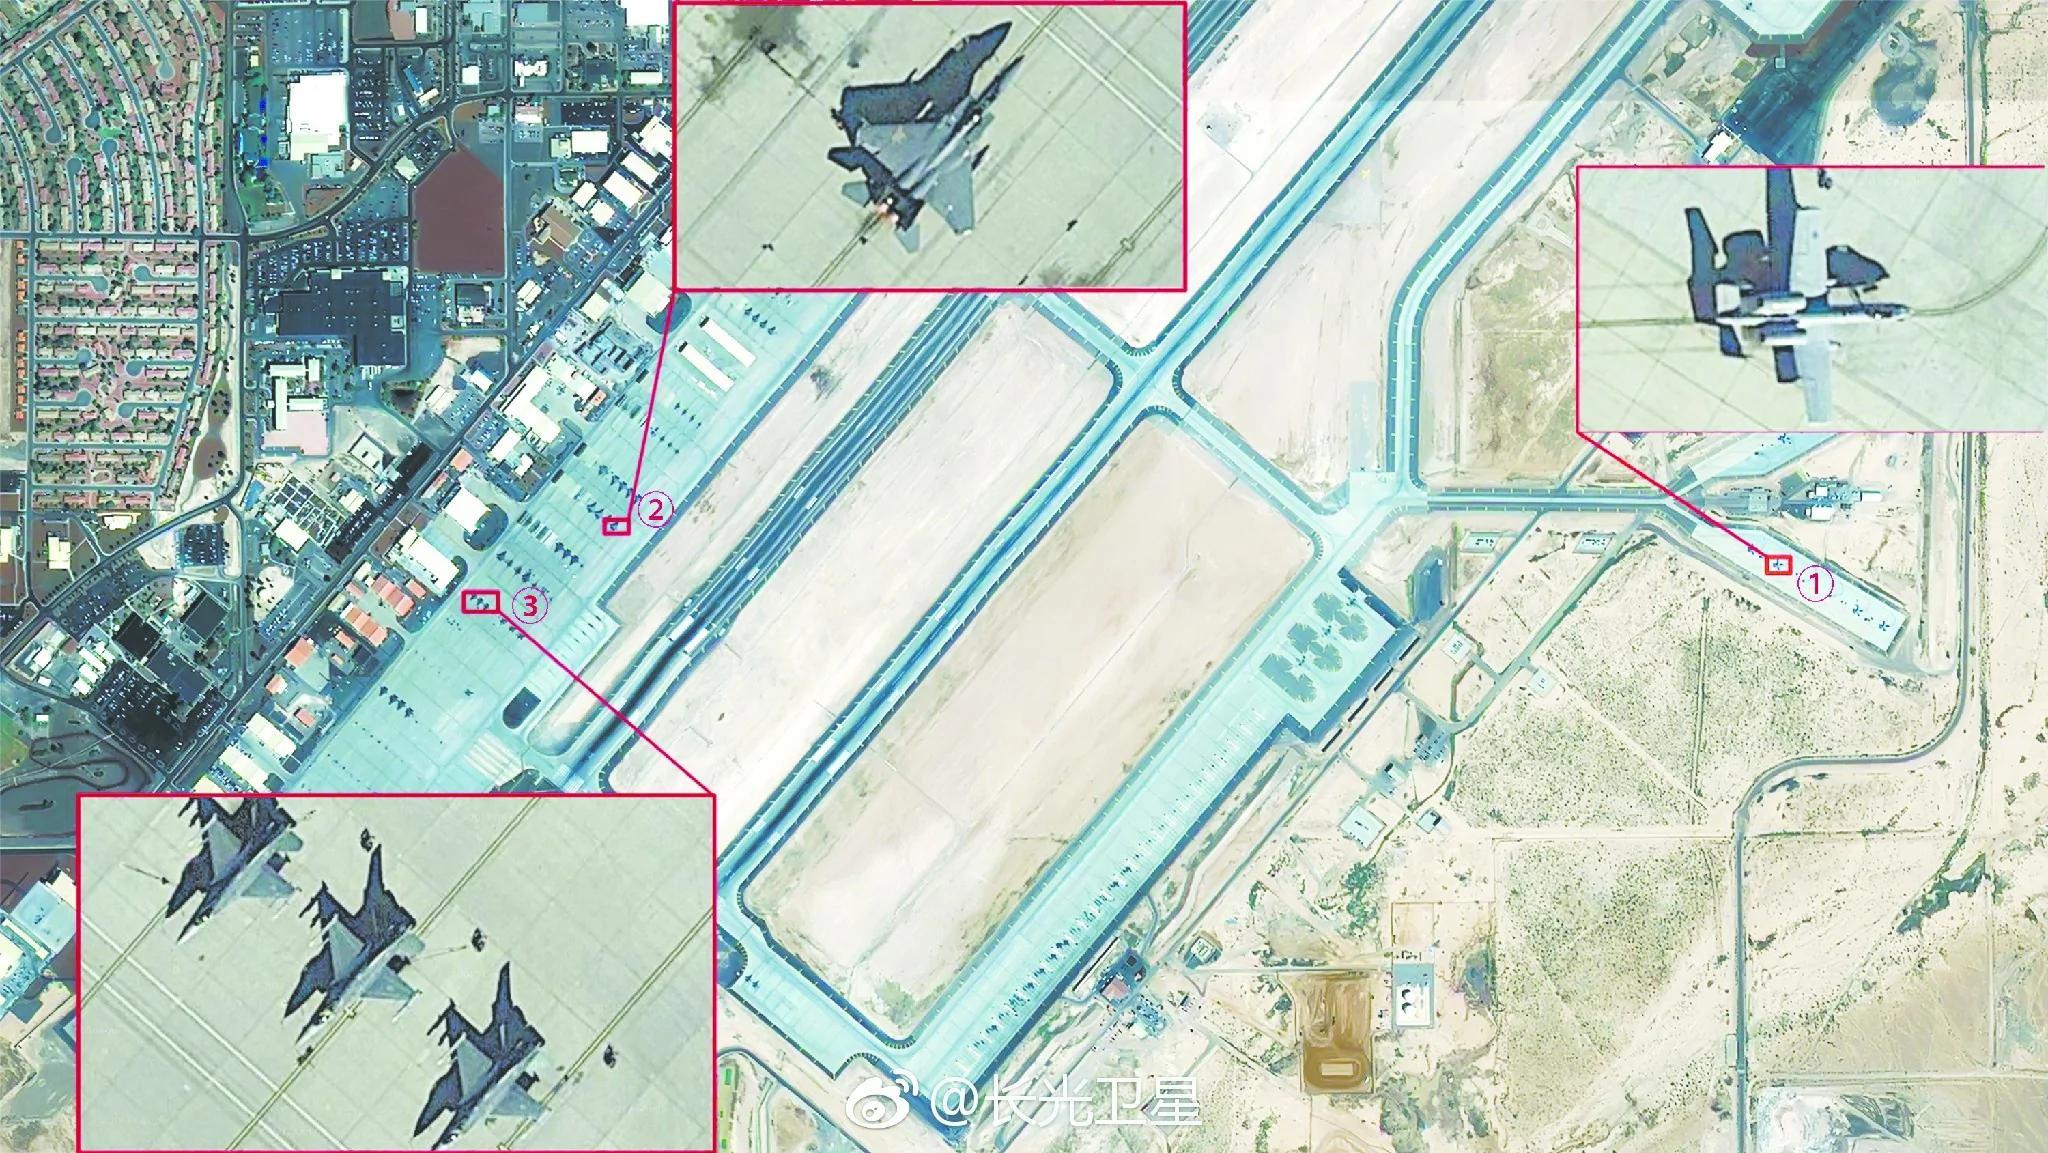 《环时》吹牛露馅 谷歌美军基地照片冒充中国卫星拍摄